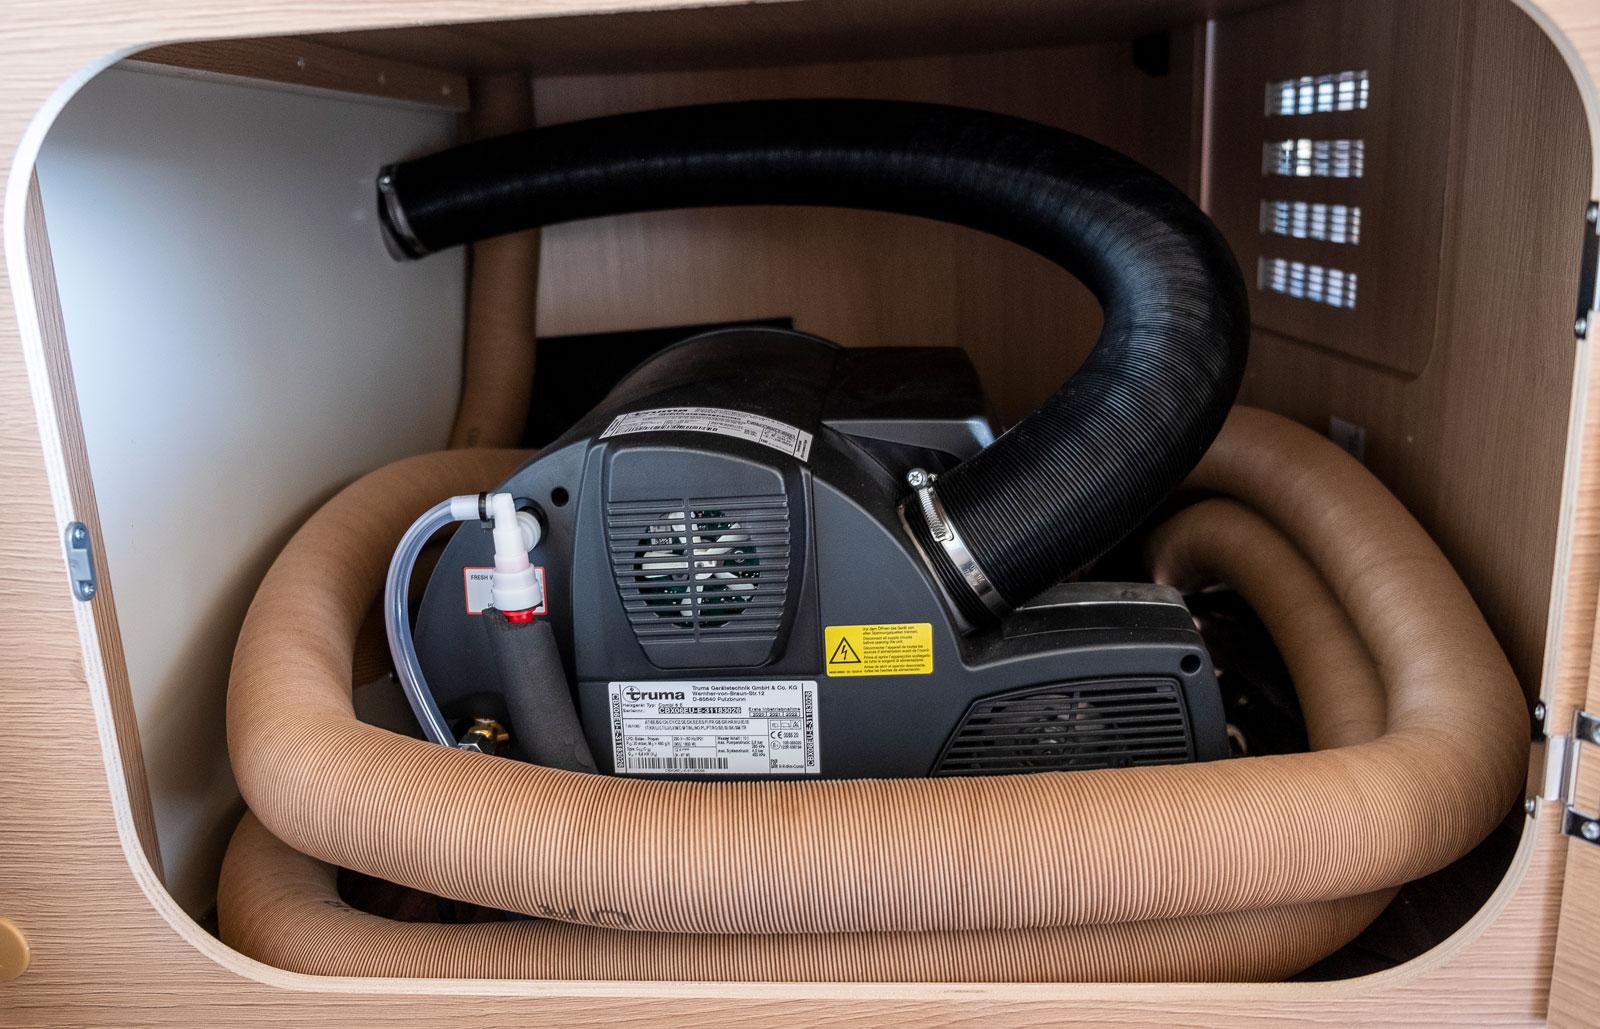 Likt en orm ringlar sig rören som leder varmluften från värmepannan. som kan drivas av gas, el  eller en kombination av dem.